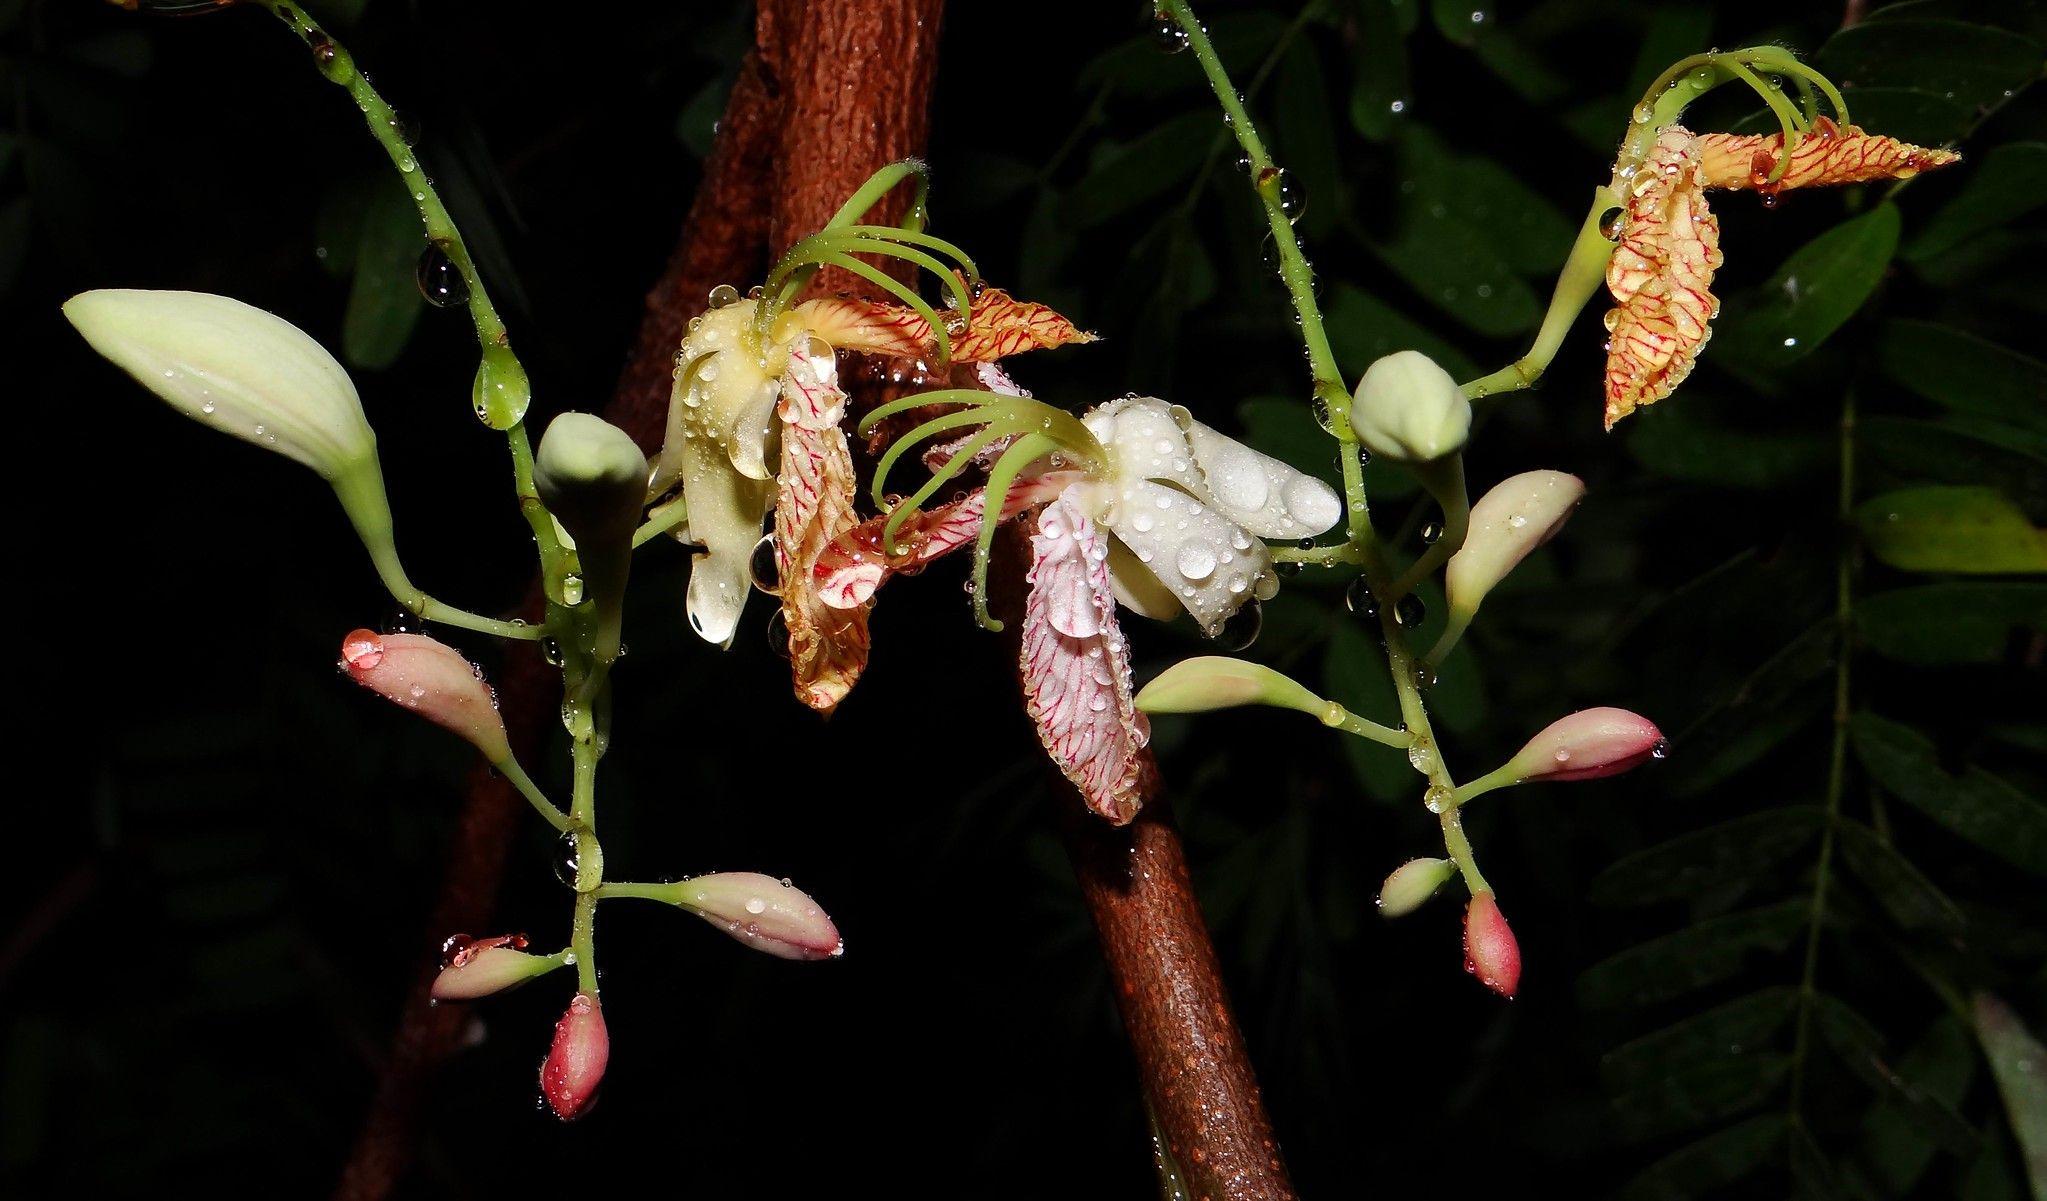 Tamarind 7 Thai Sweet Flower 5 Bengali ত ত ল Tamarind Flowers